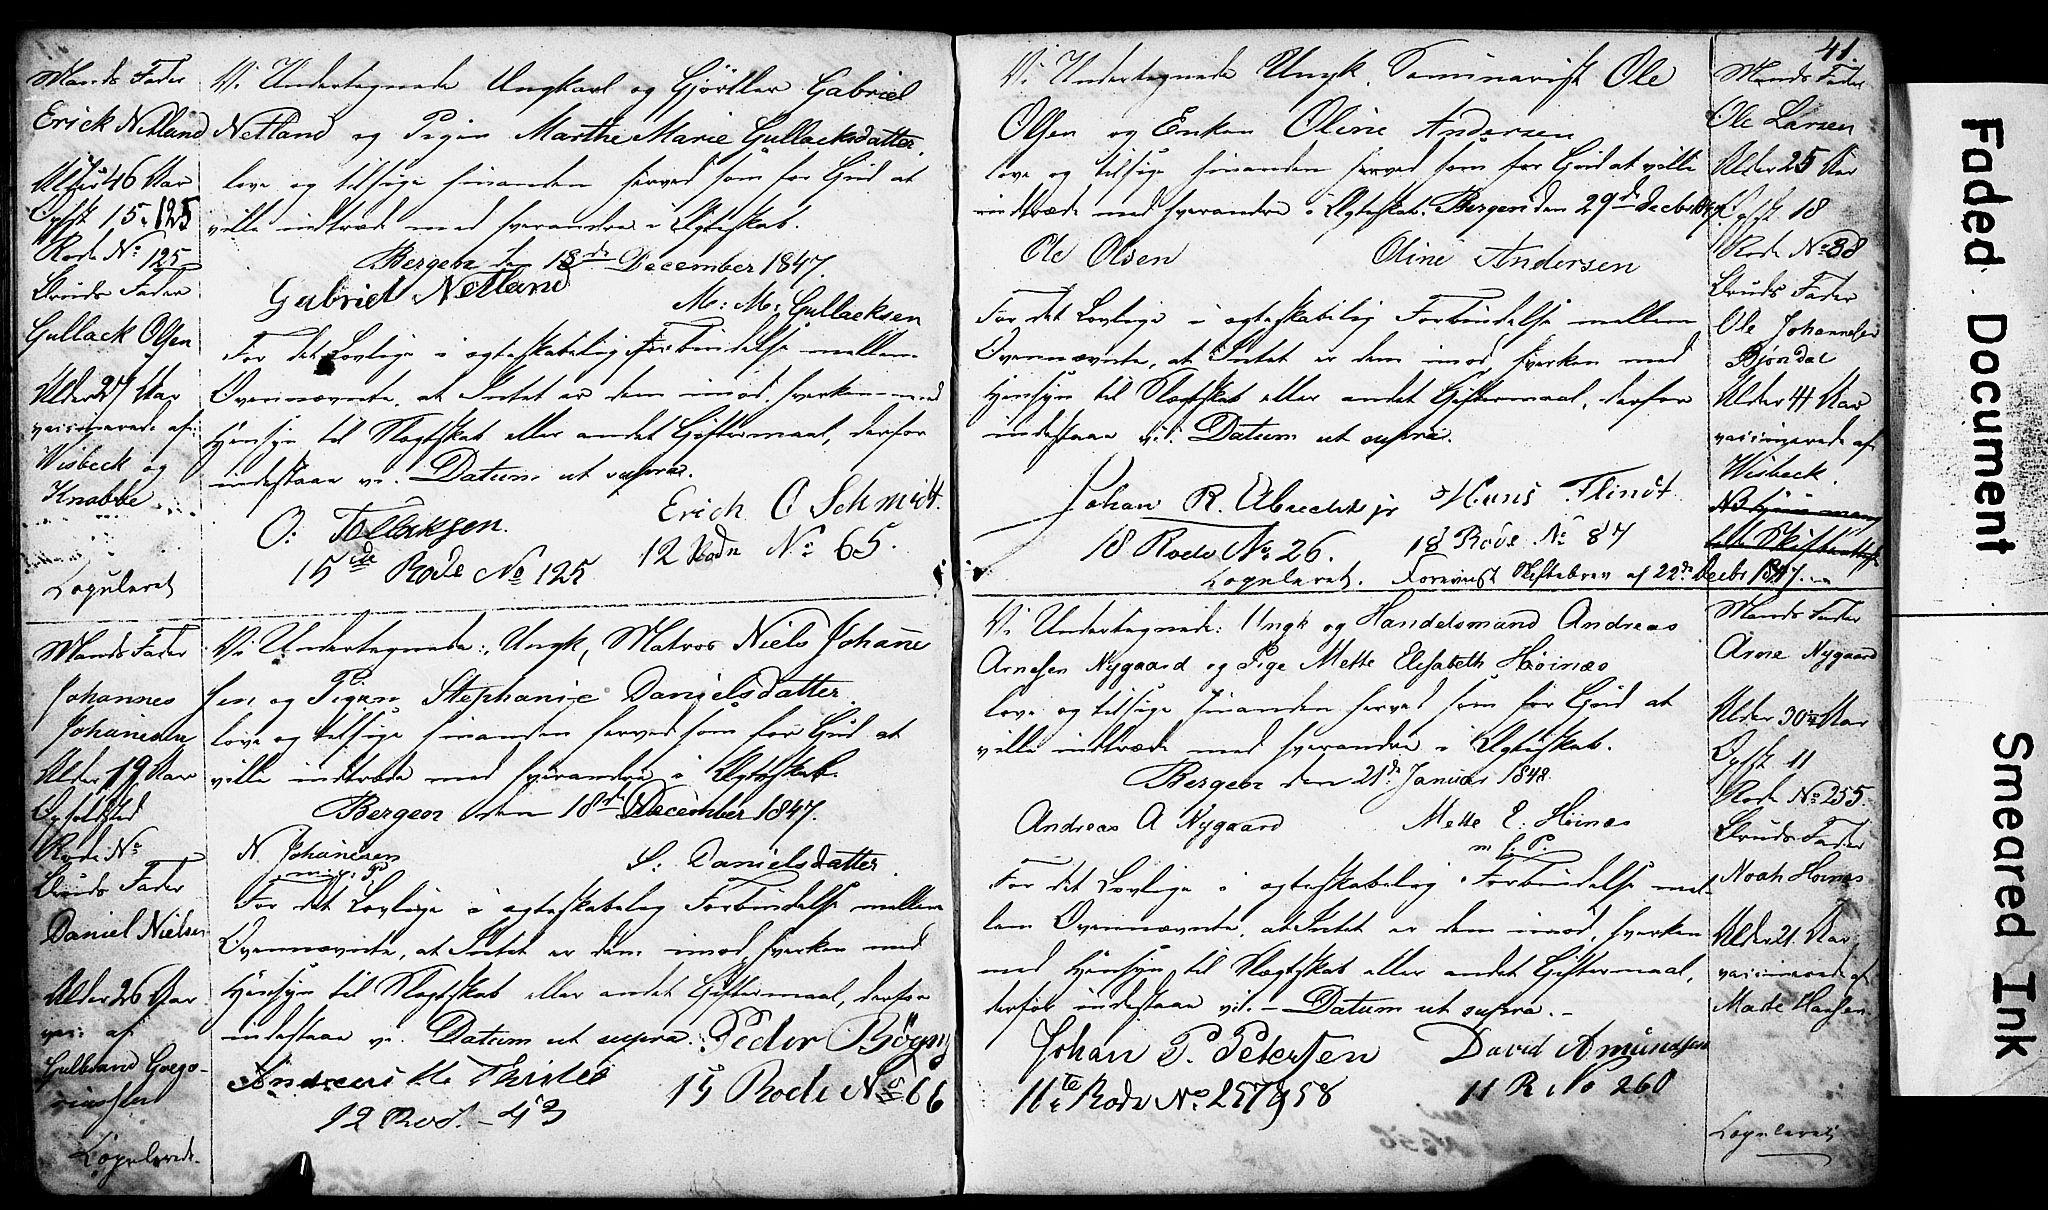 SAB, Domkirken Sokneprestembete, Forlovererklæringer nr. II.5.4, 1845-1852, s. 41